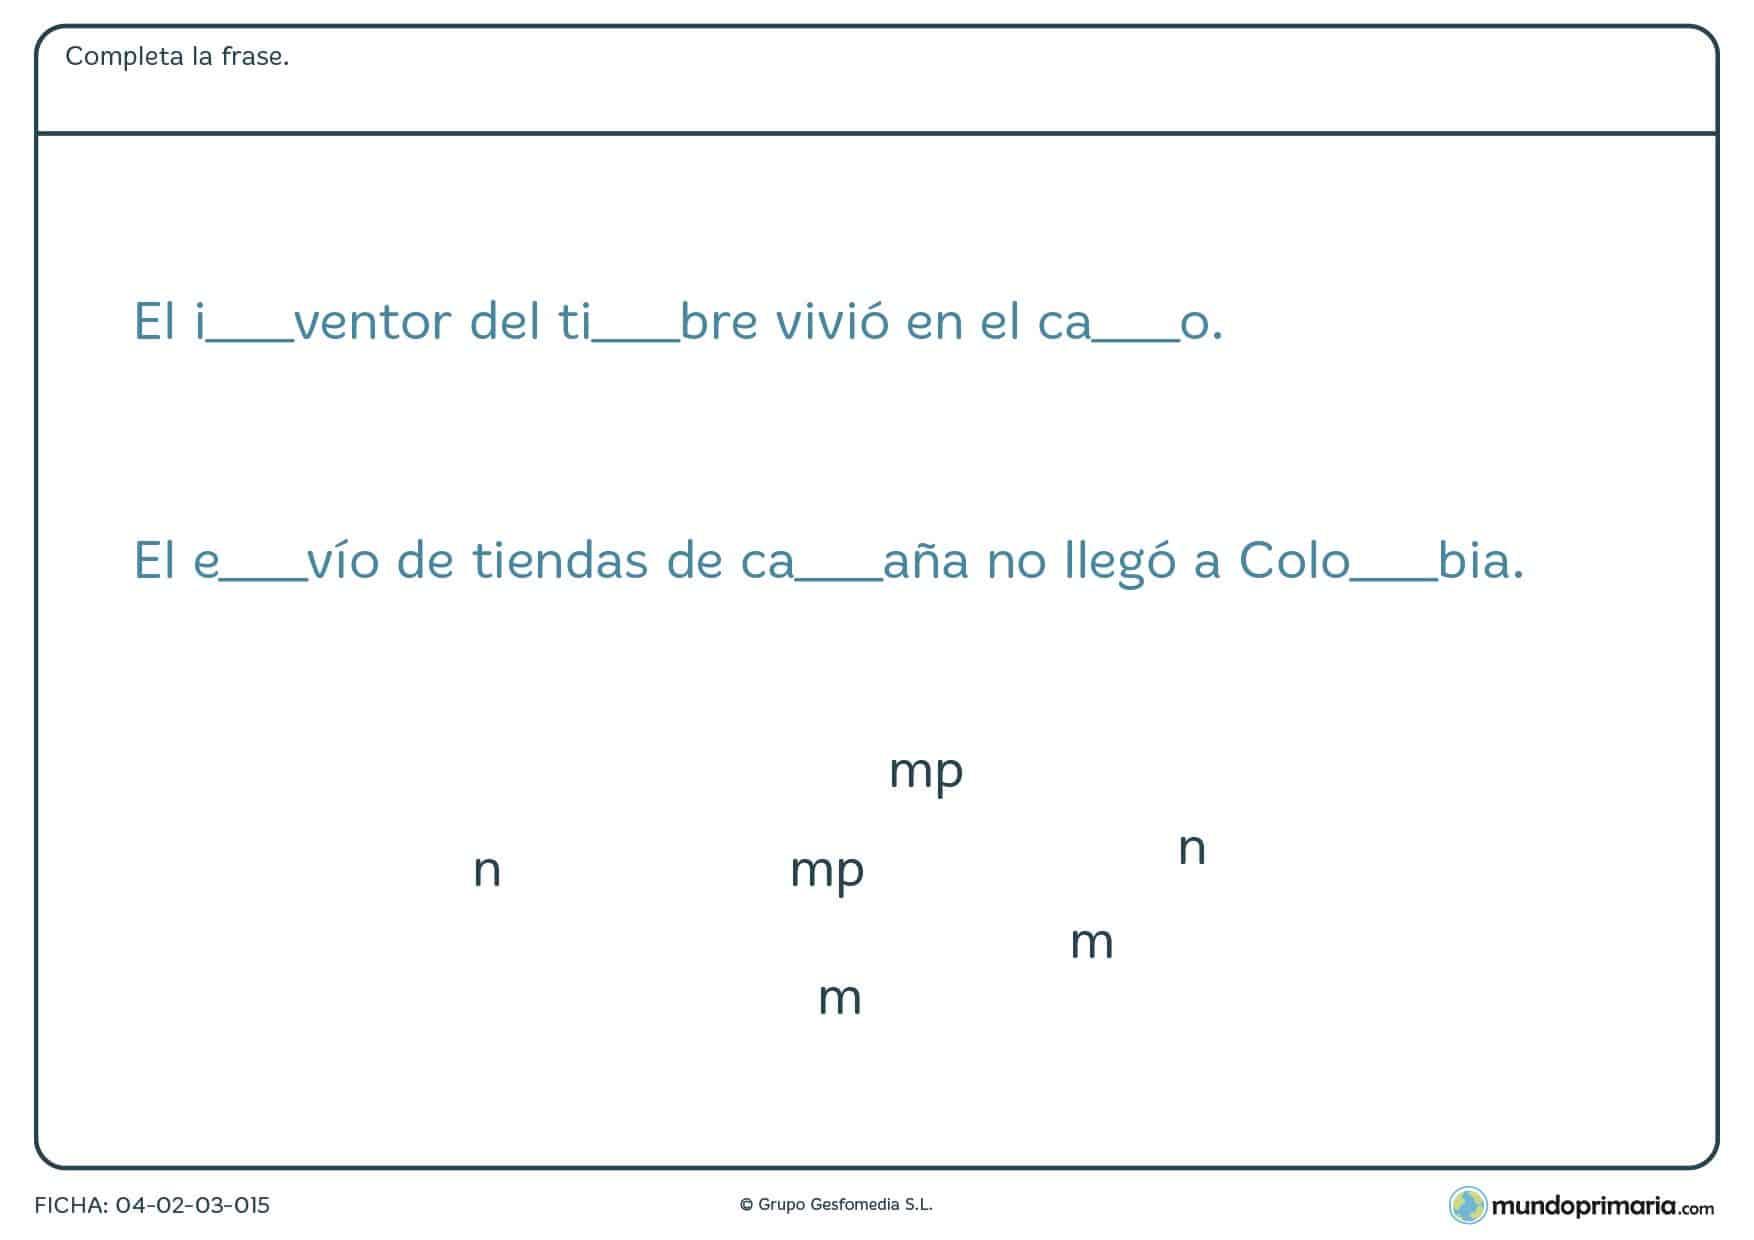 """Ficha de completar la frase con """"m"""", """"n"""" o """"mp"""" en la que debes completar las palabras con la partícula correcta para que la frase tenga sentido."""